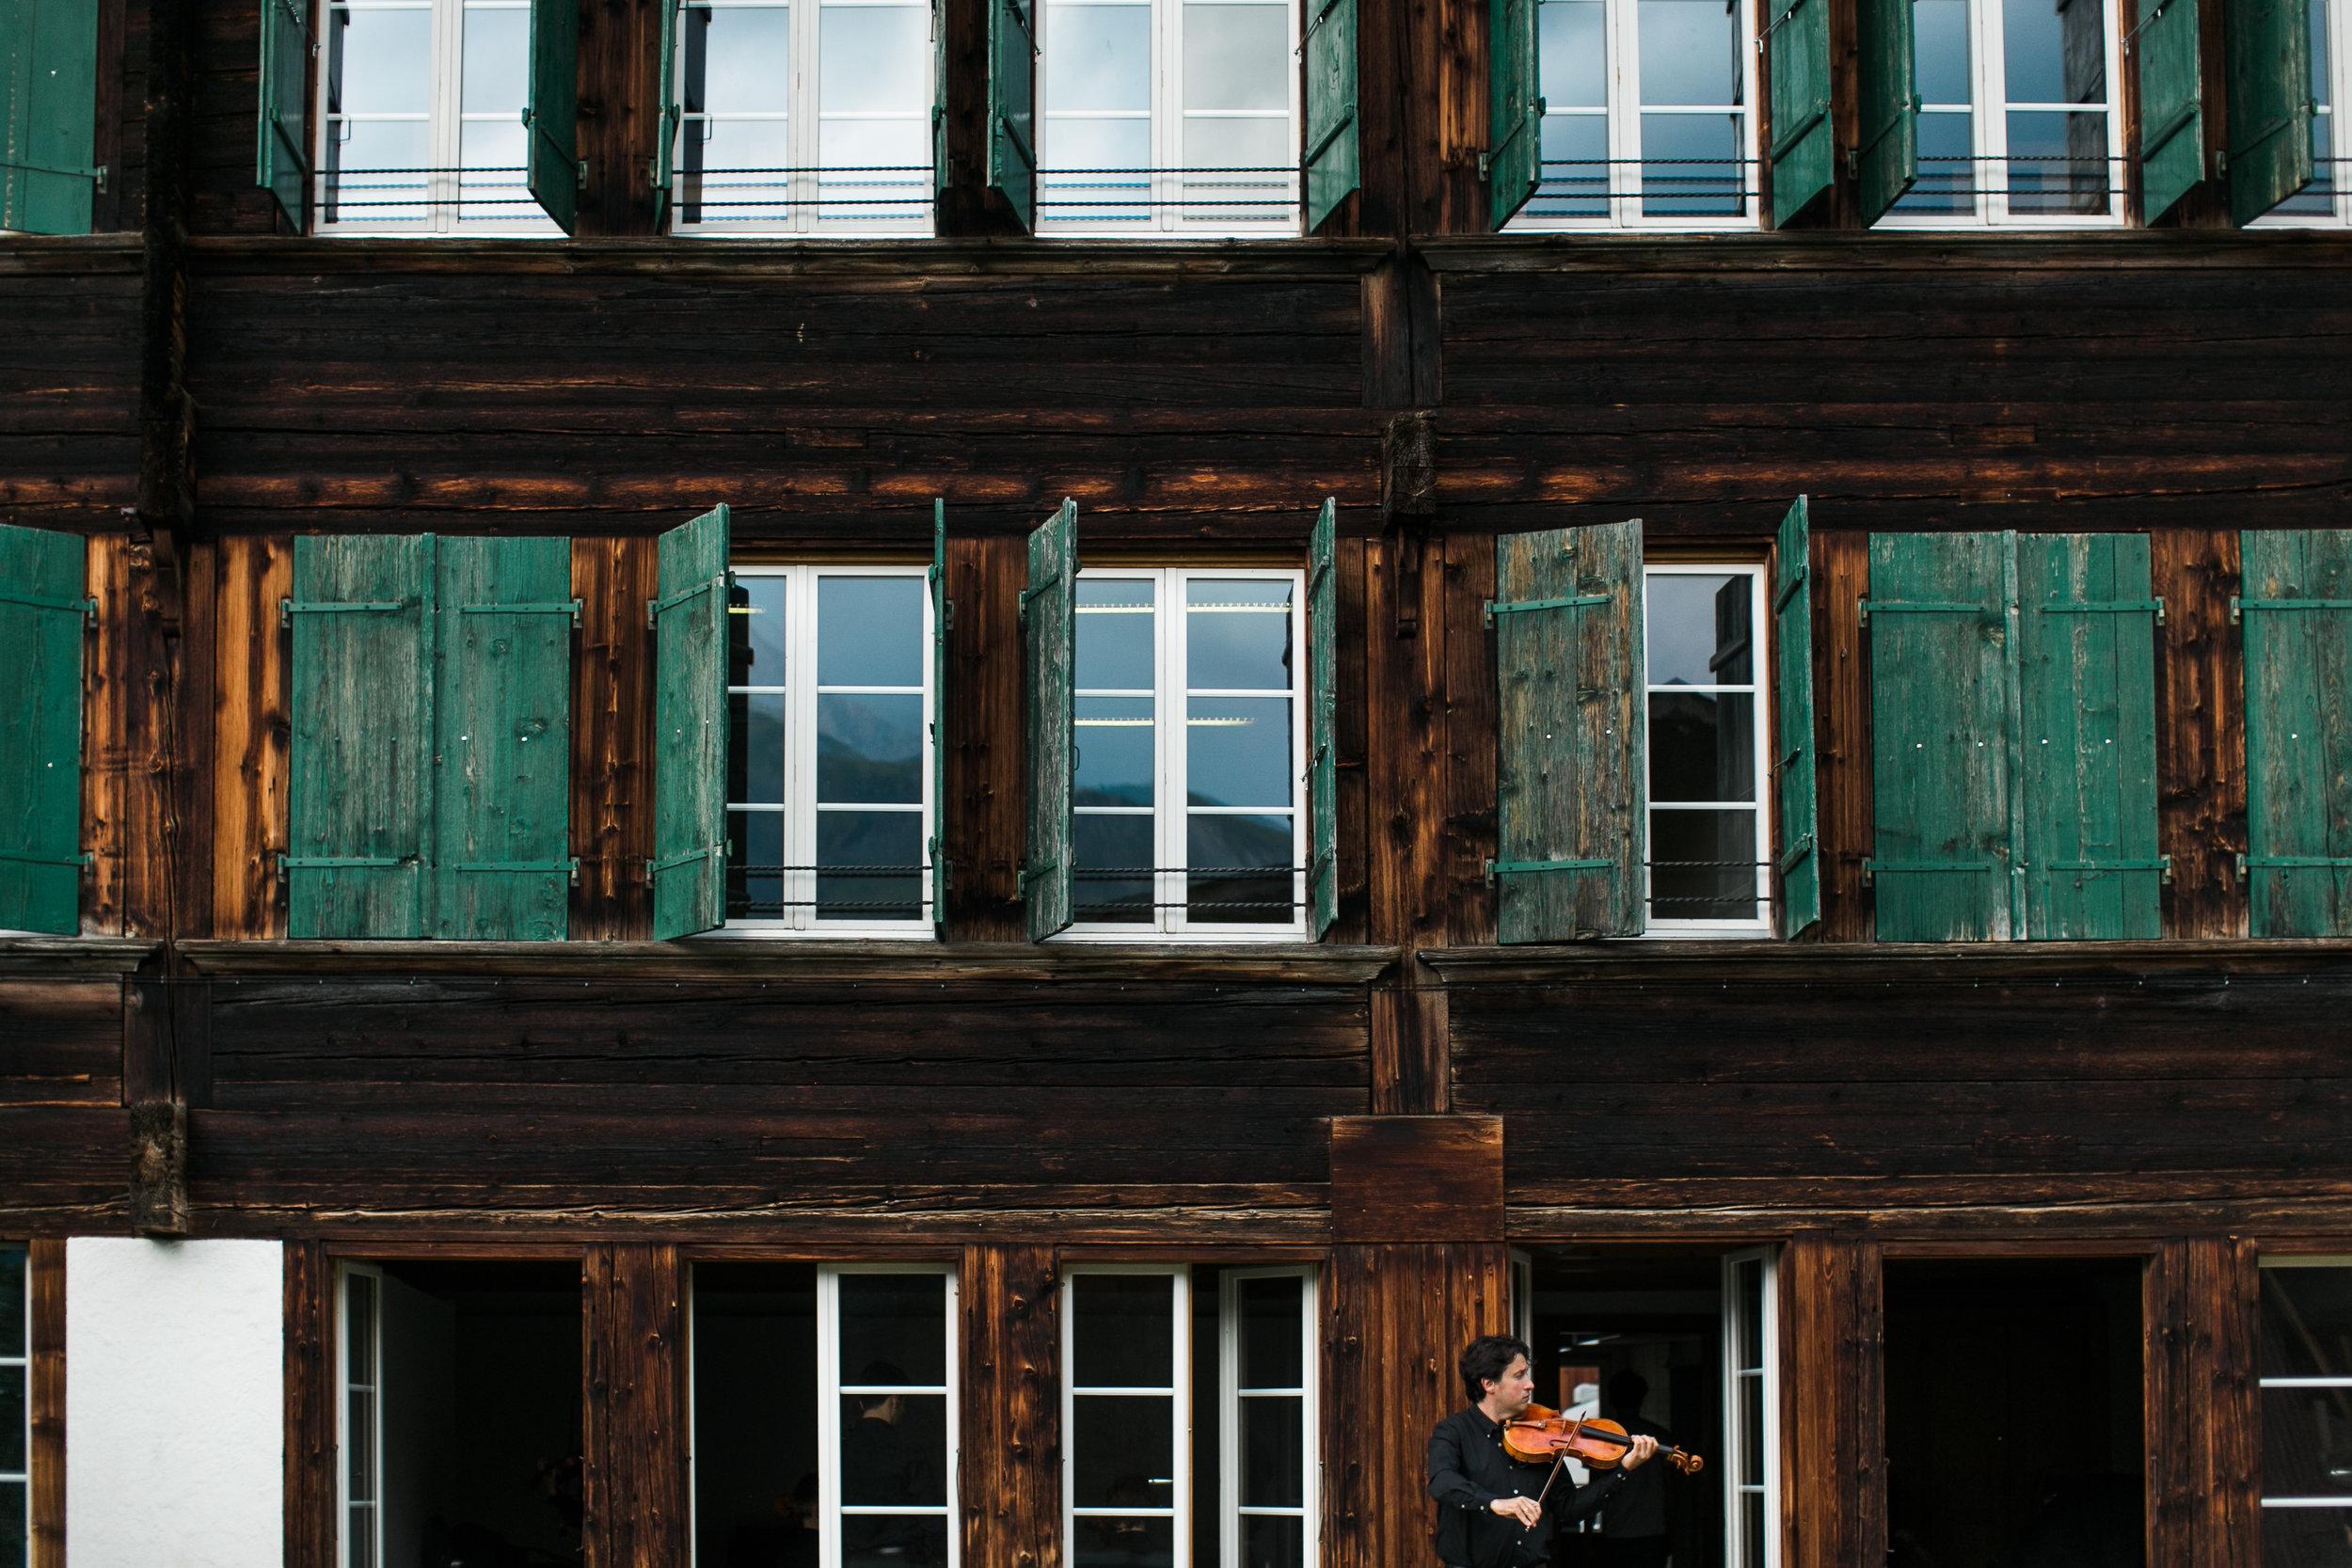 Gstaad-Academy-II-by-Theresa-Pewal-673.JPG